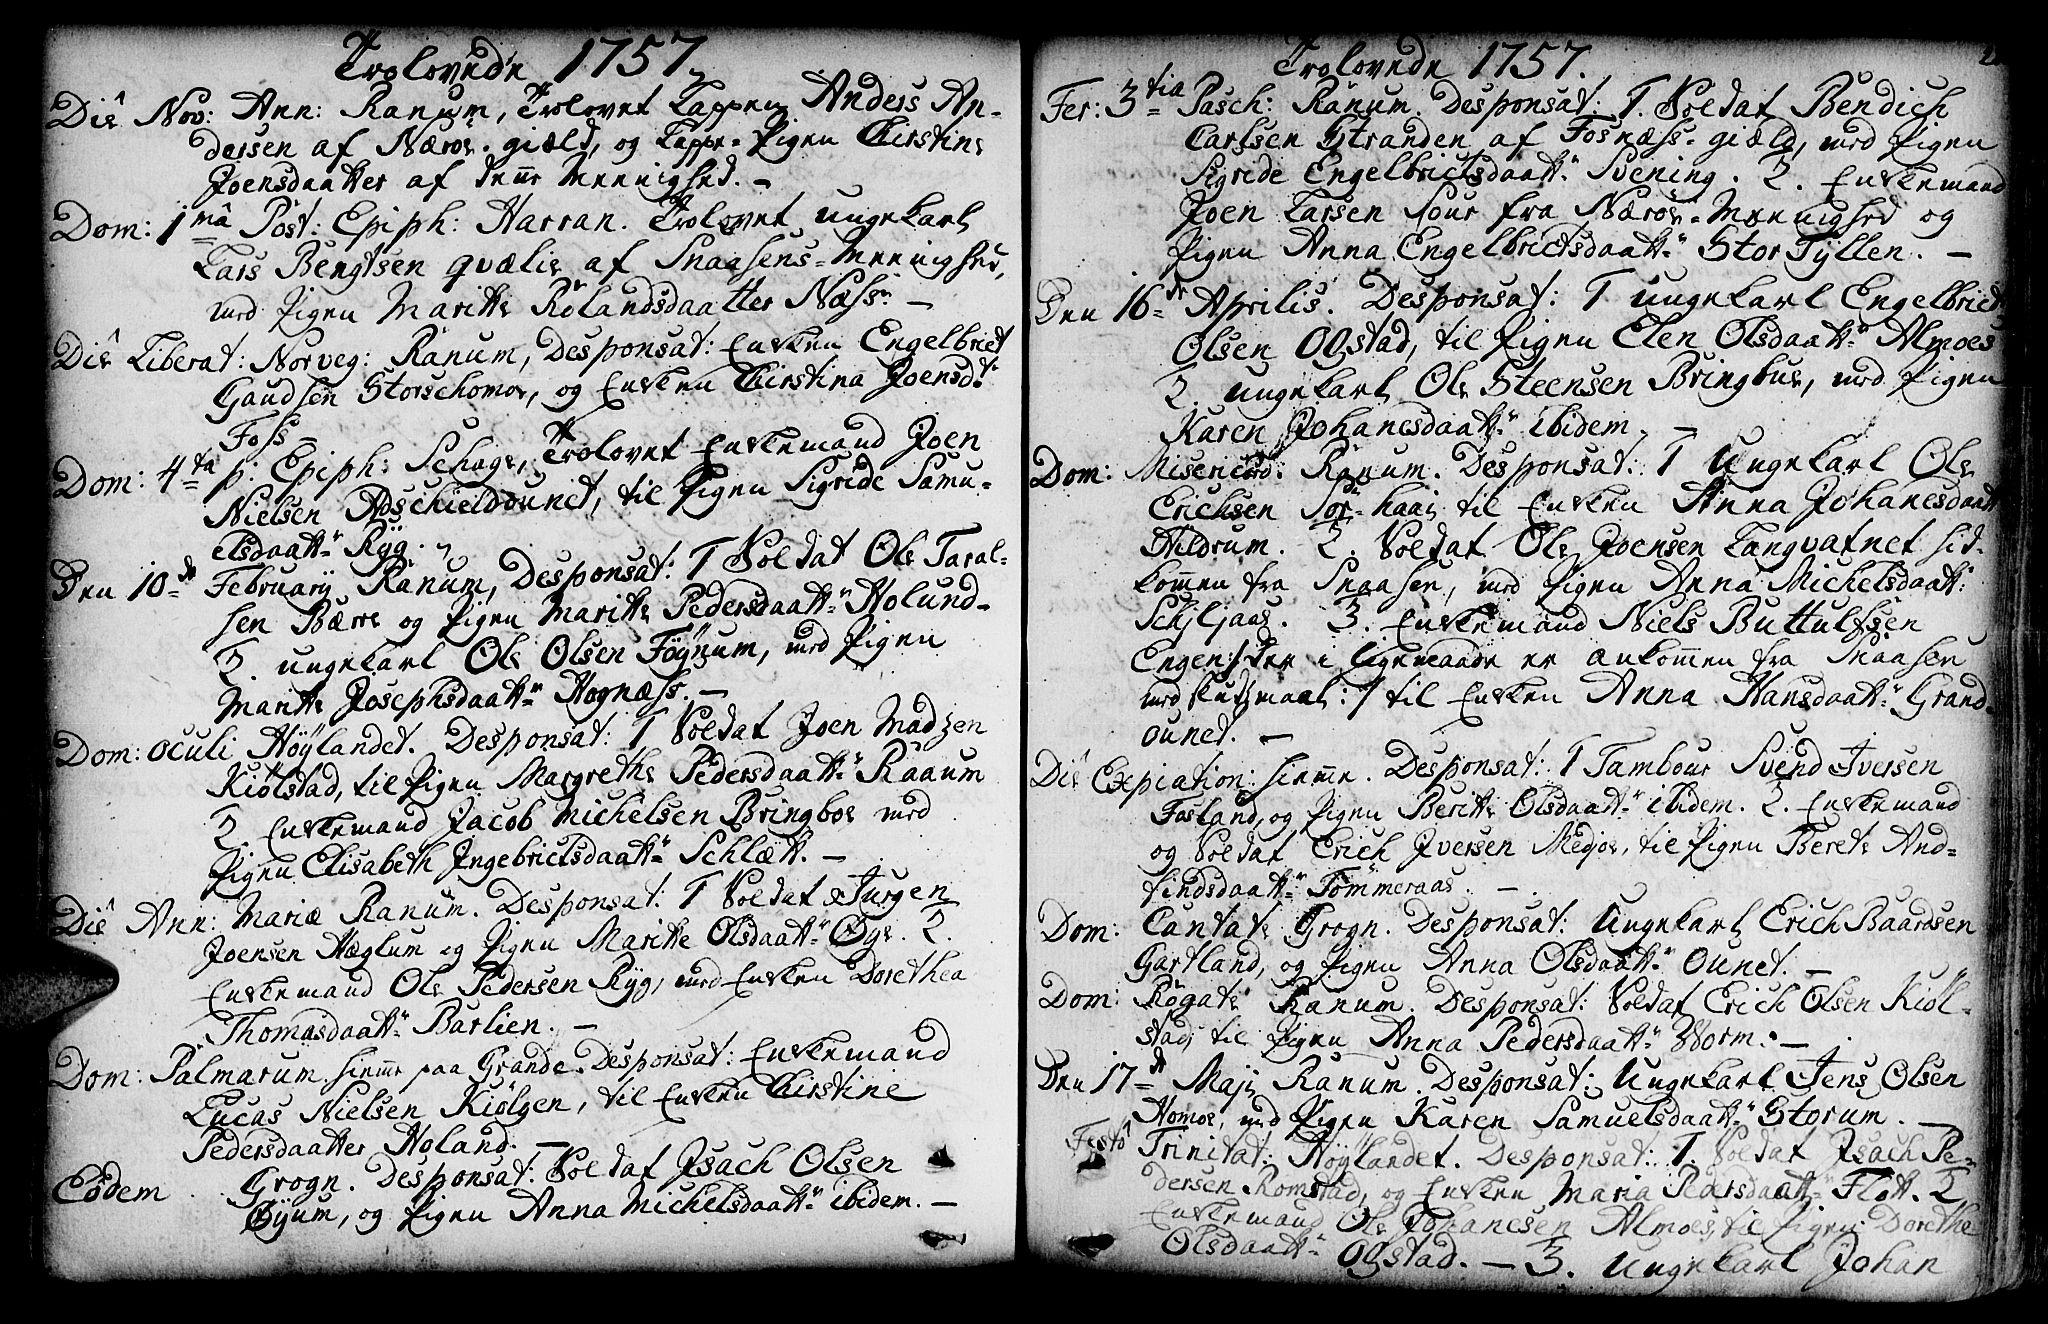 SAT, Ministerialprotokoller, klokkerbøker og fødselsregistre - Nord-Trøndelag, 764/L0542: Ministerialbok nr. 764A02, 1748-1779, s. 210